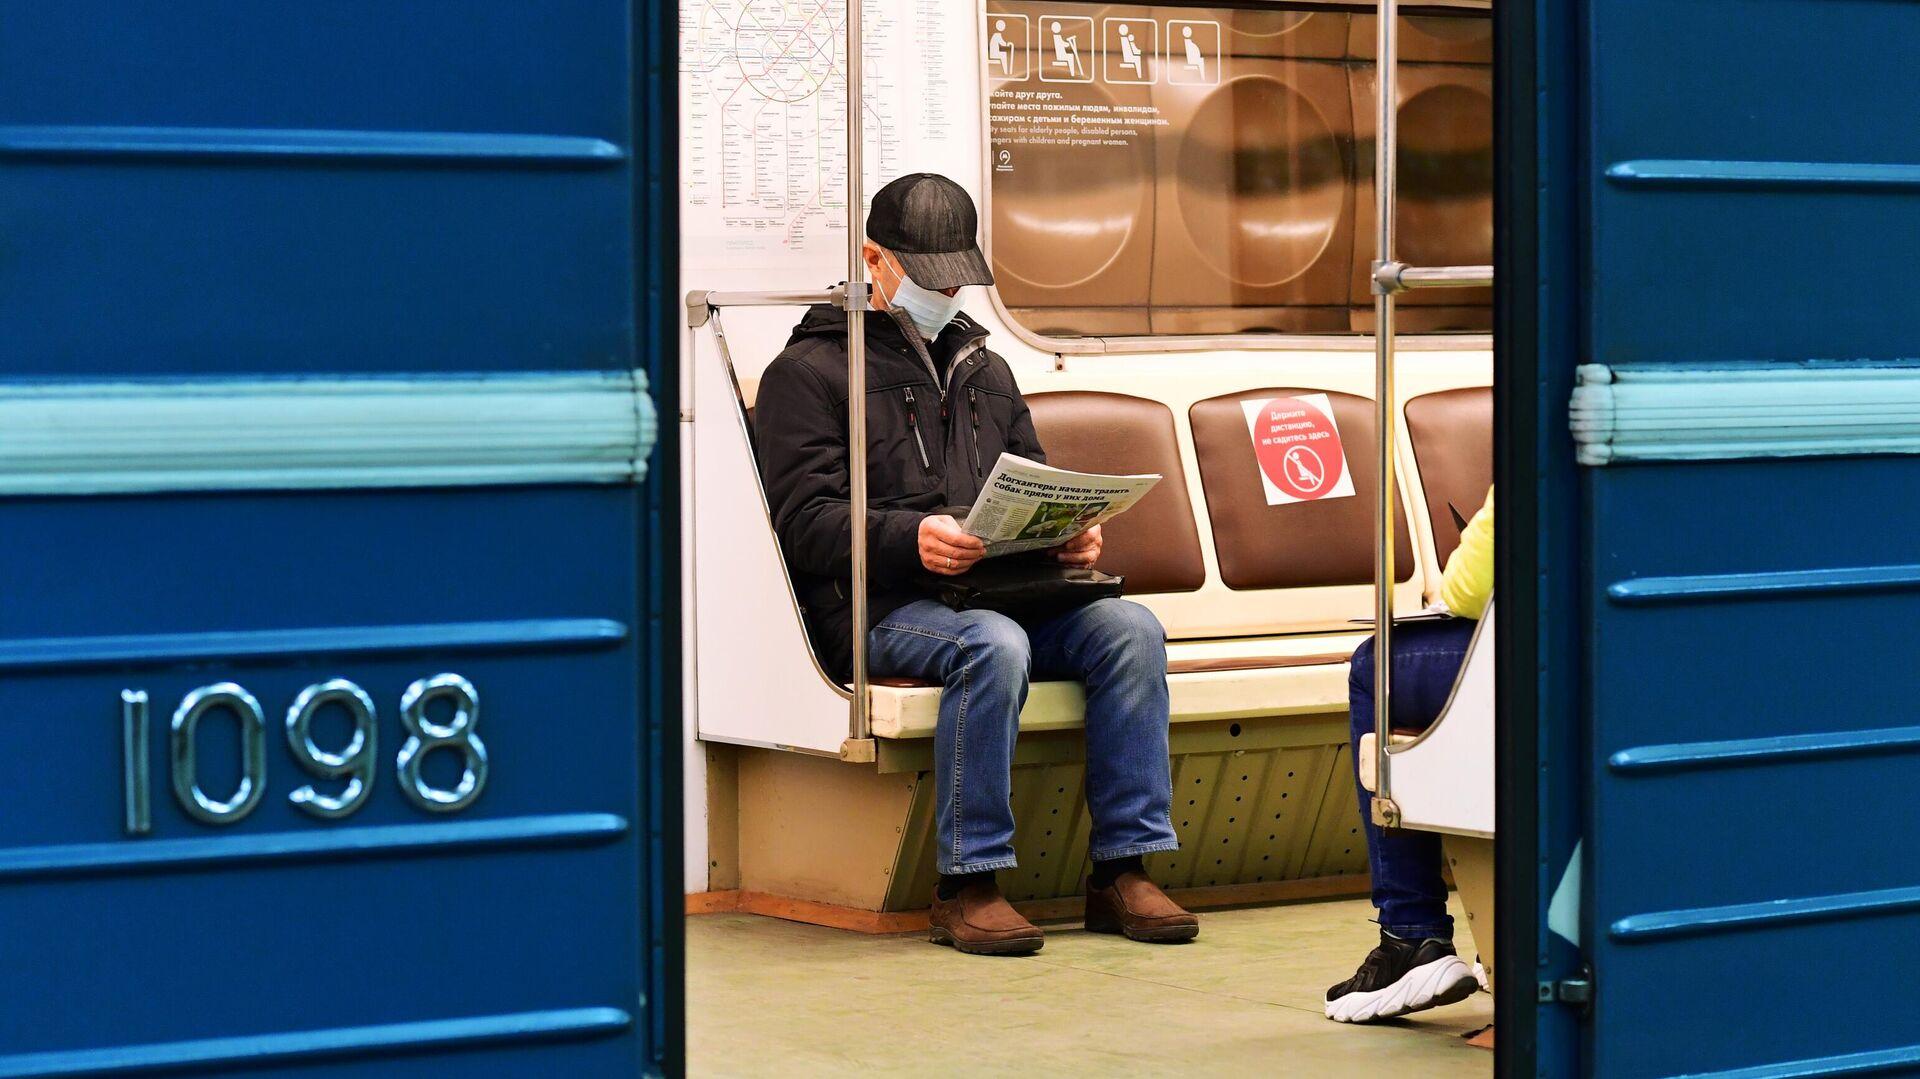 Пассажир в медицинской маске в вагоне поезда на станции метро Марьино Московского метрополитена - РИА Новости, 1920, 01.12.2020